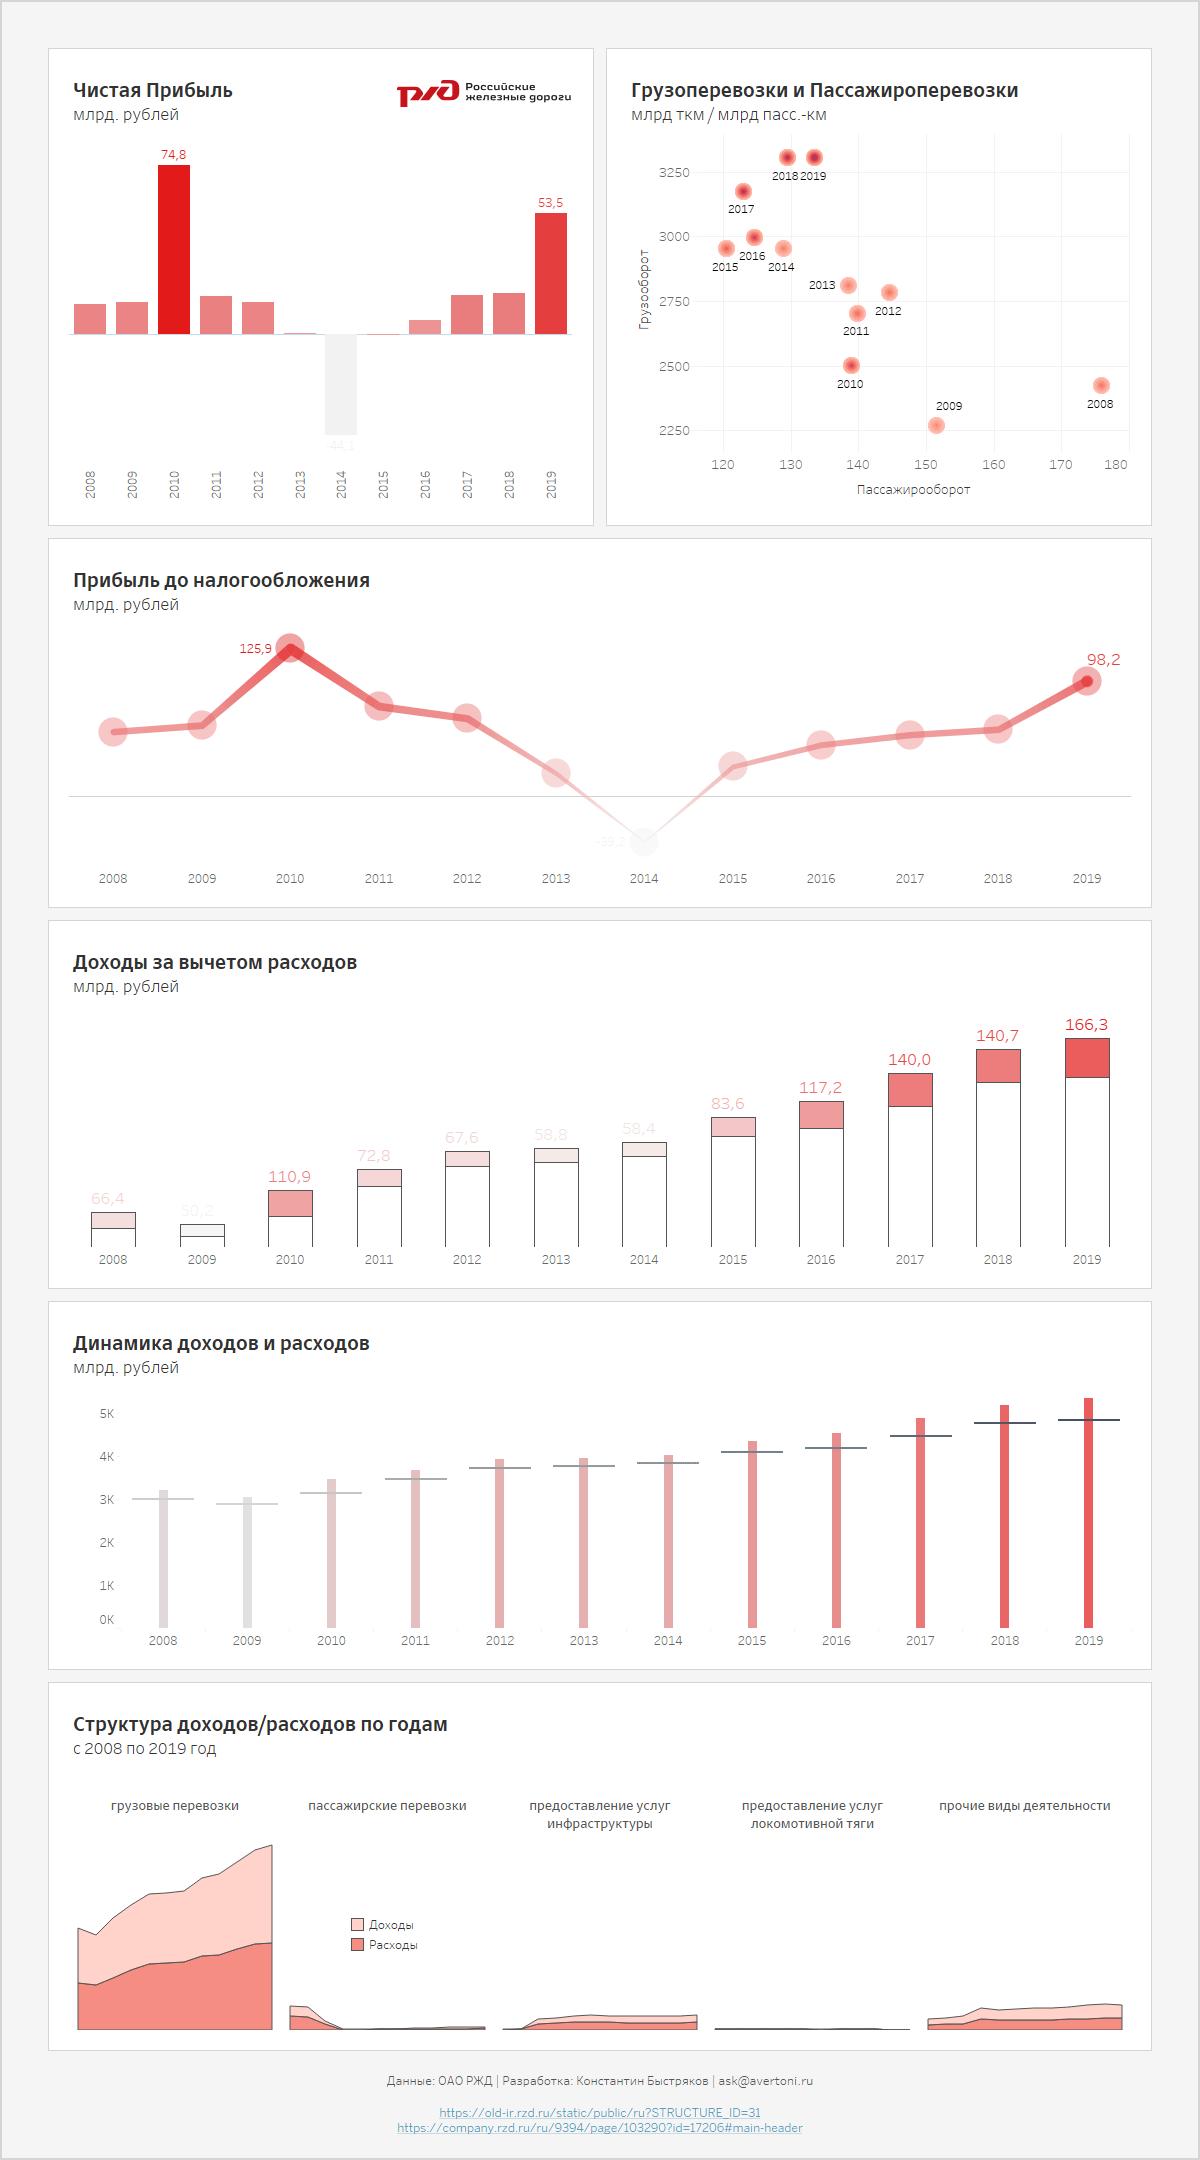 РЖД экономические и финансовые показатели в графическом виде на дашборде.